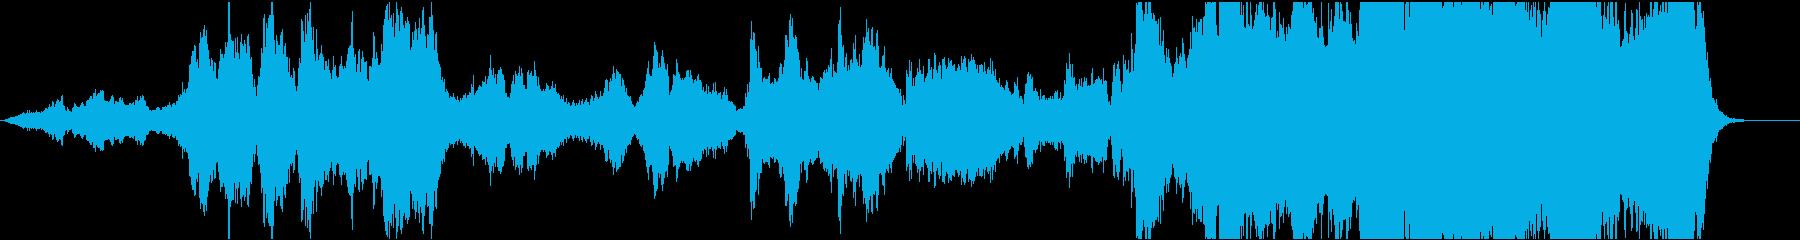 ファンタジー映画オーケストラ 草原の騎士の再生済みの波形